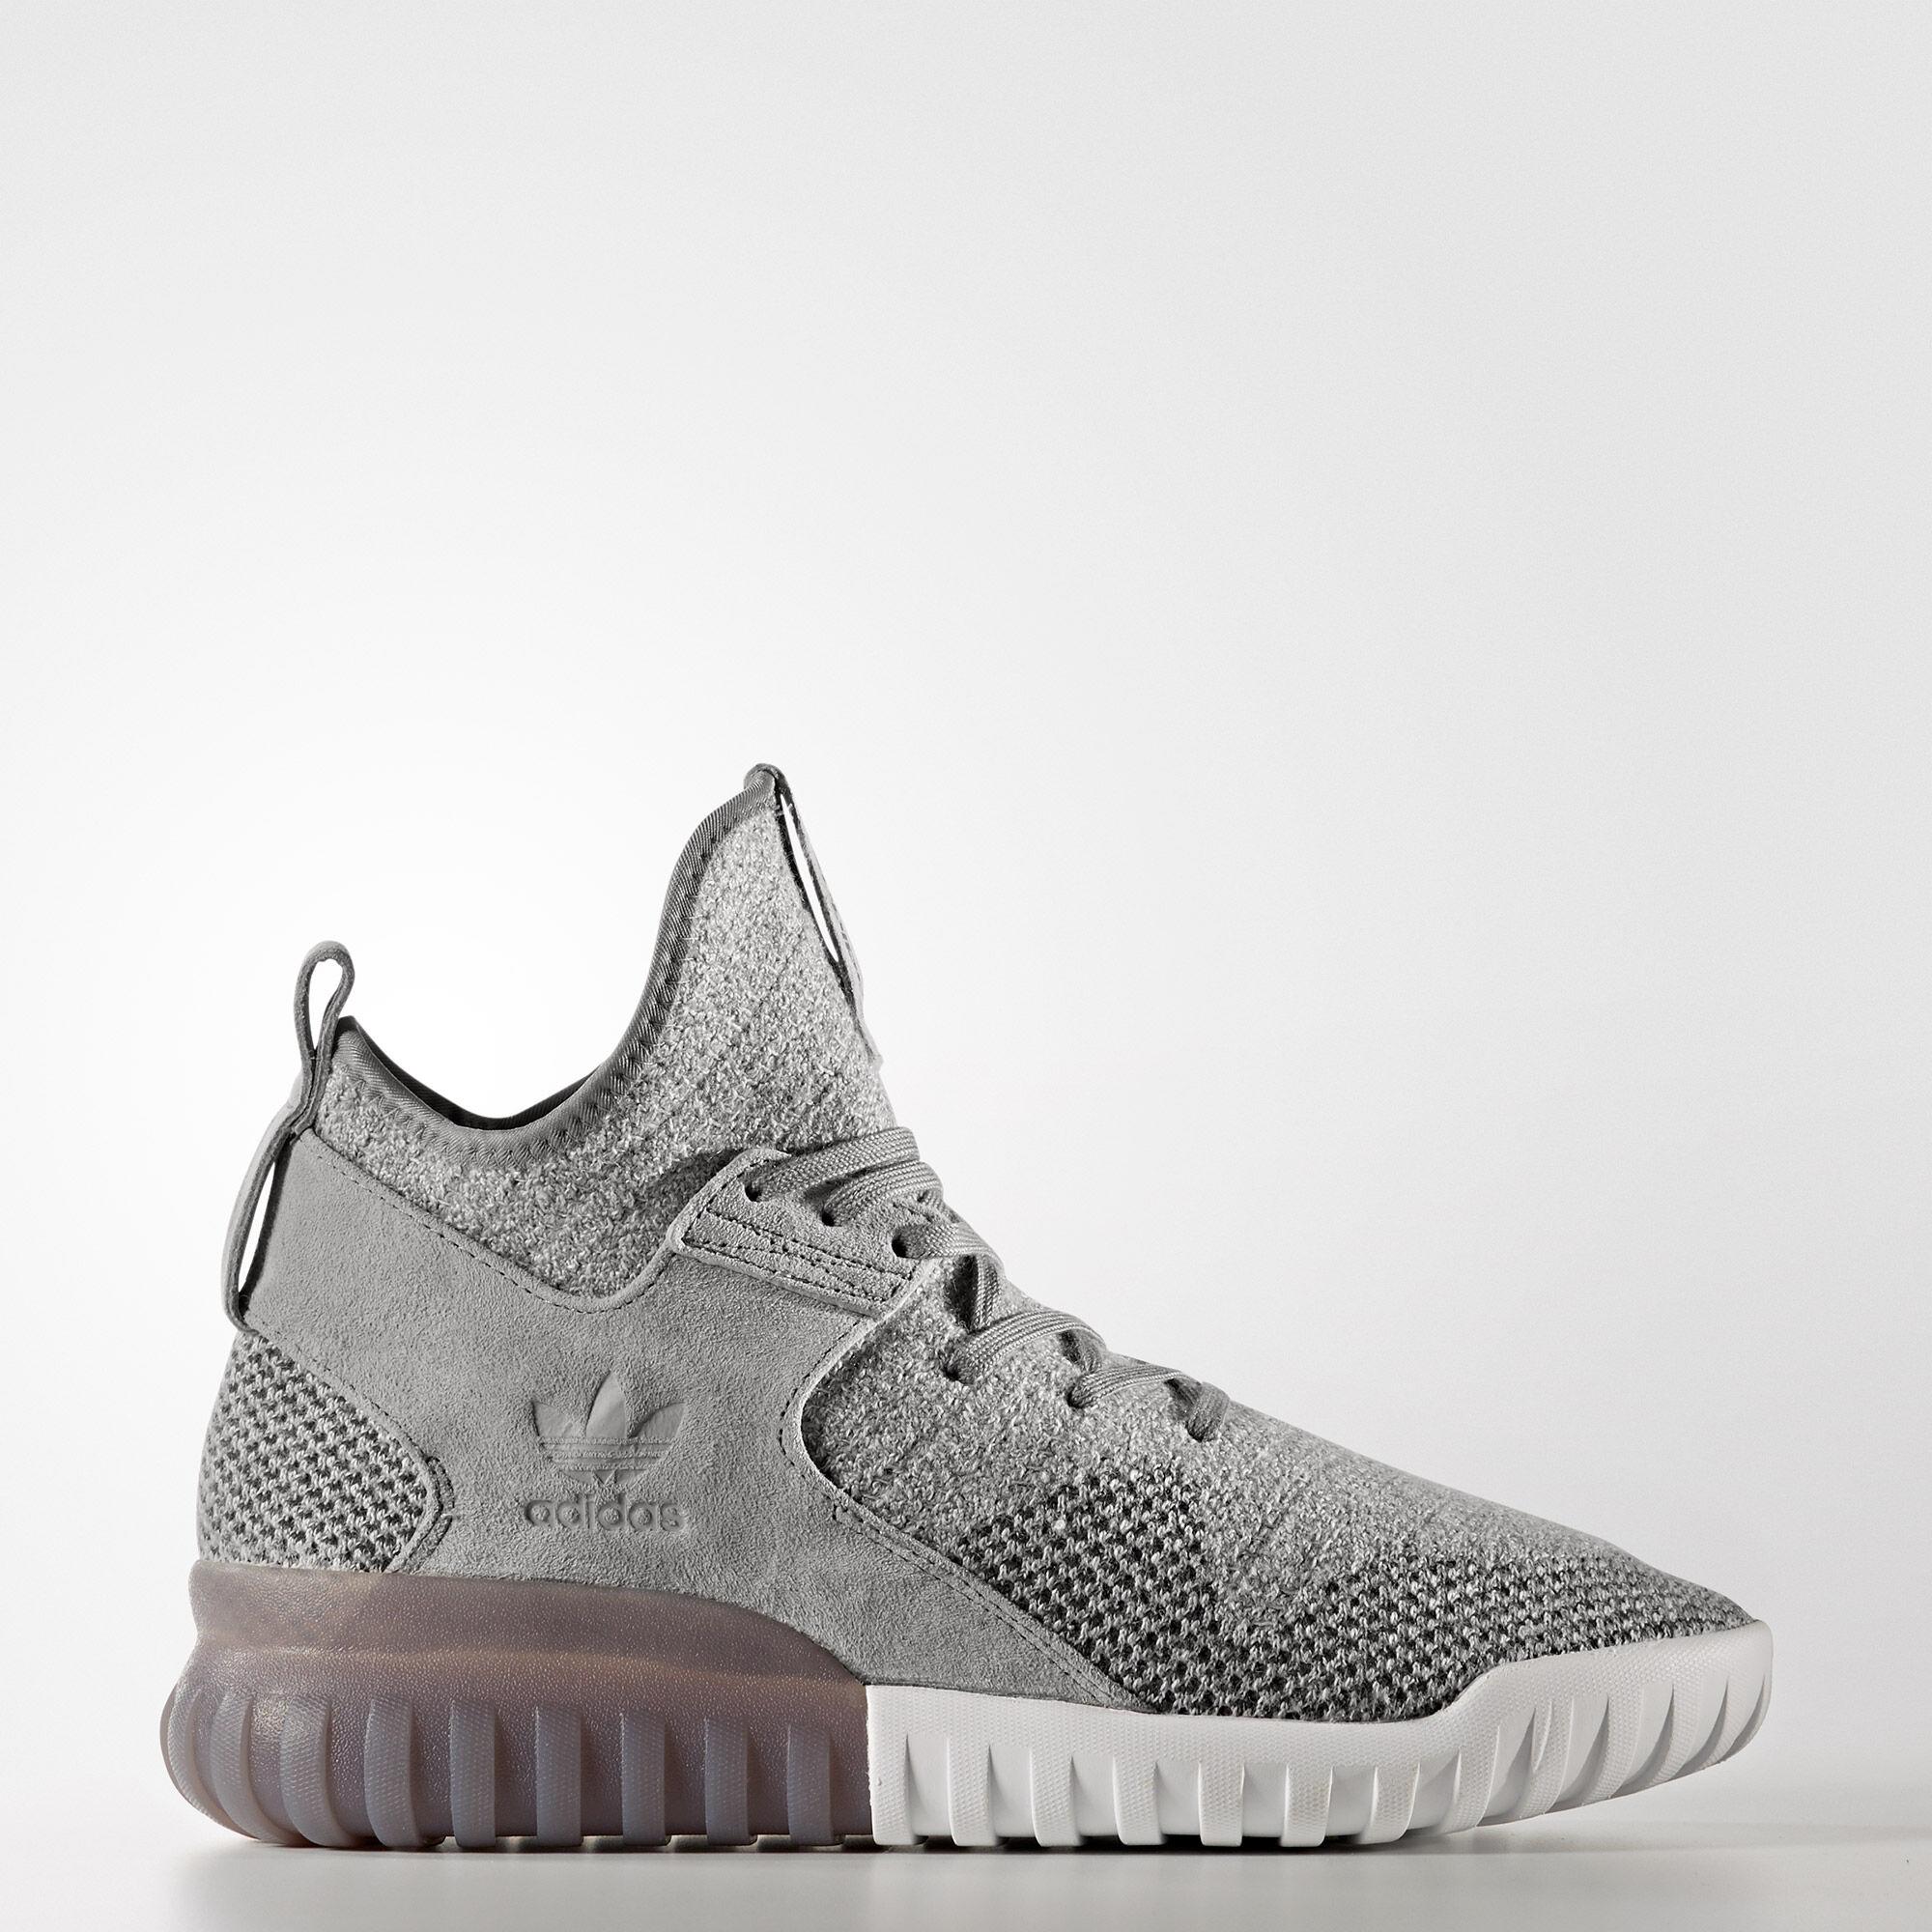 Adidas Tubular X Grey And White